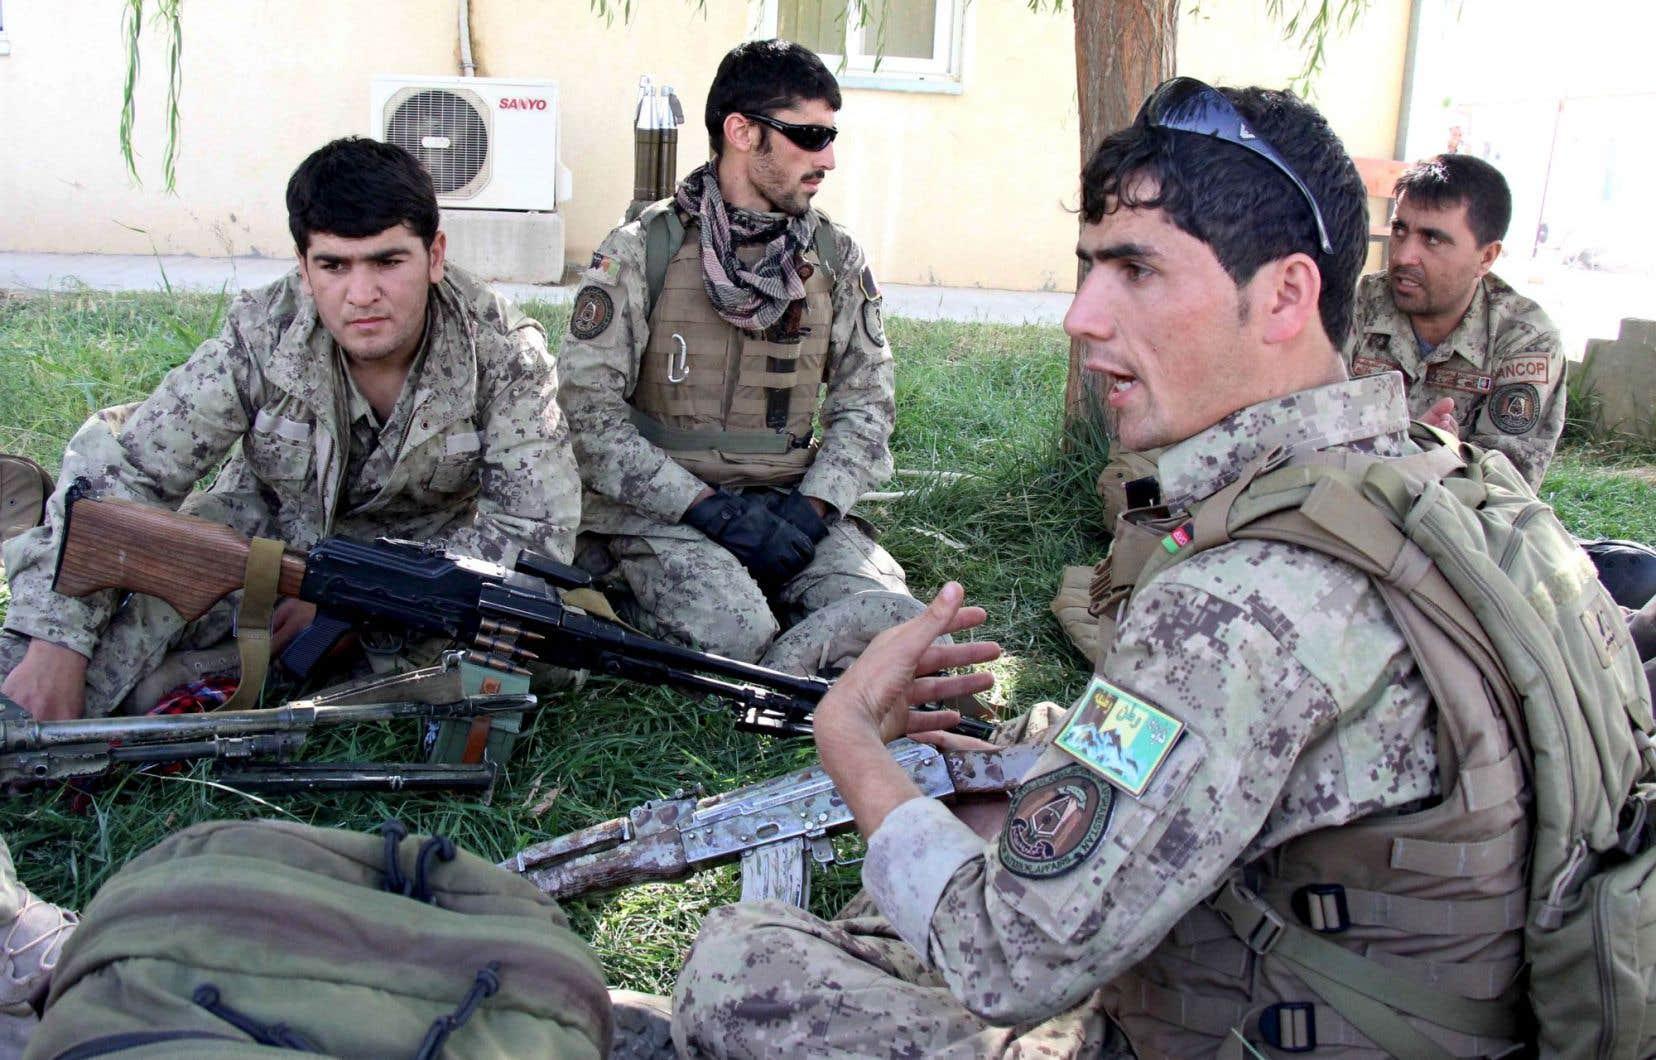 Des forces afghanes, avant de se lancer à l'assaut des talibans.